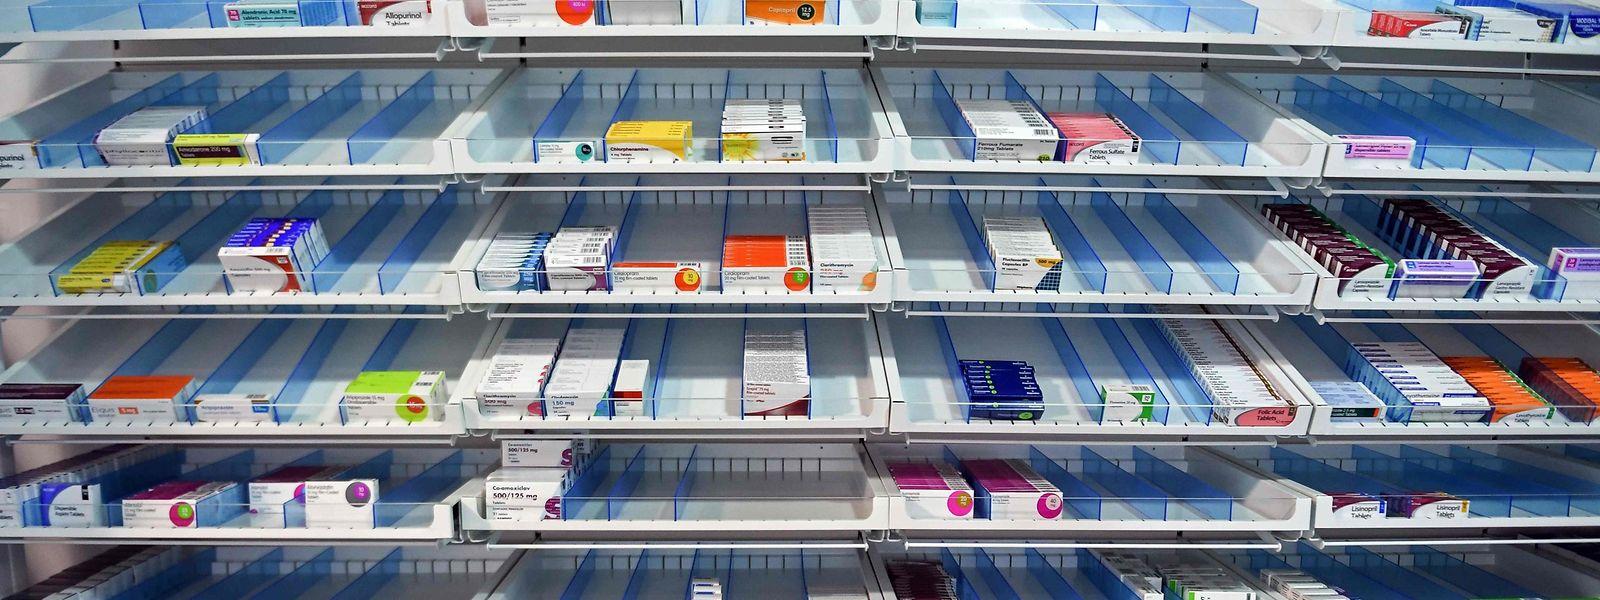 La division santé du groupe affiche un chiffre d'affaires en hausse de 13,5% en trois mois.